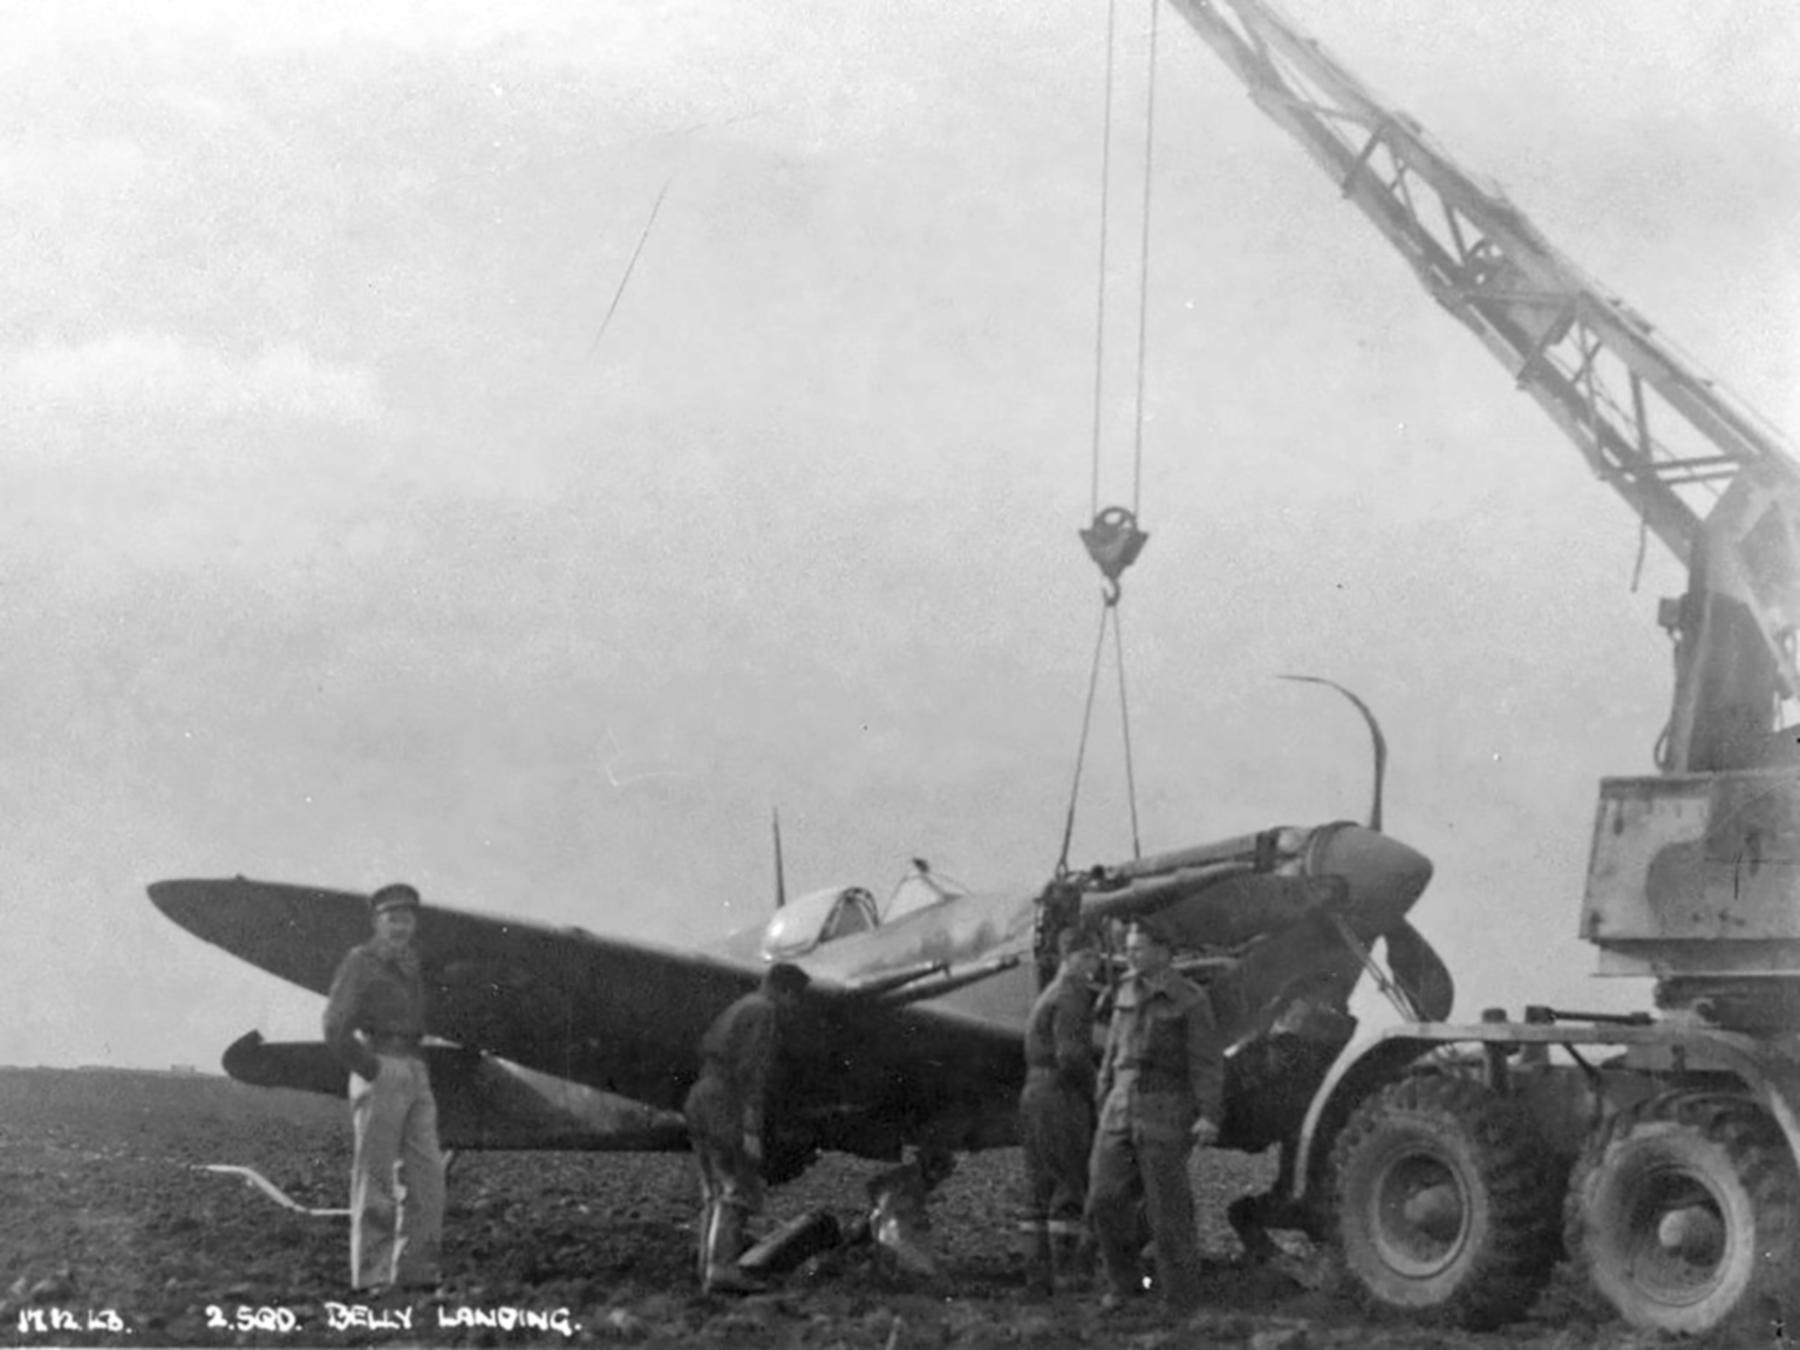 Spitfire MkVcTrop SAAF 2Sqn DBT JG721 Palata Italy 17th Dec 1943 03